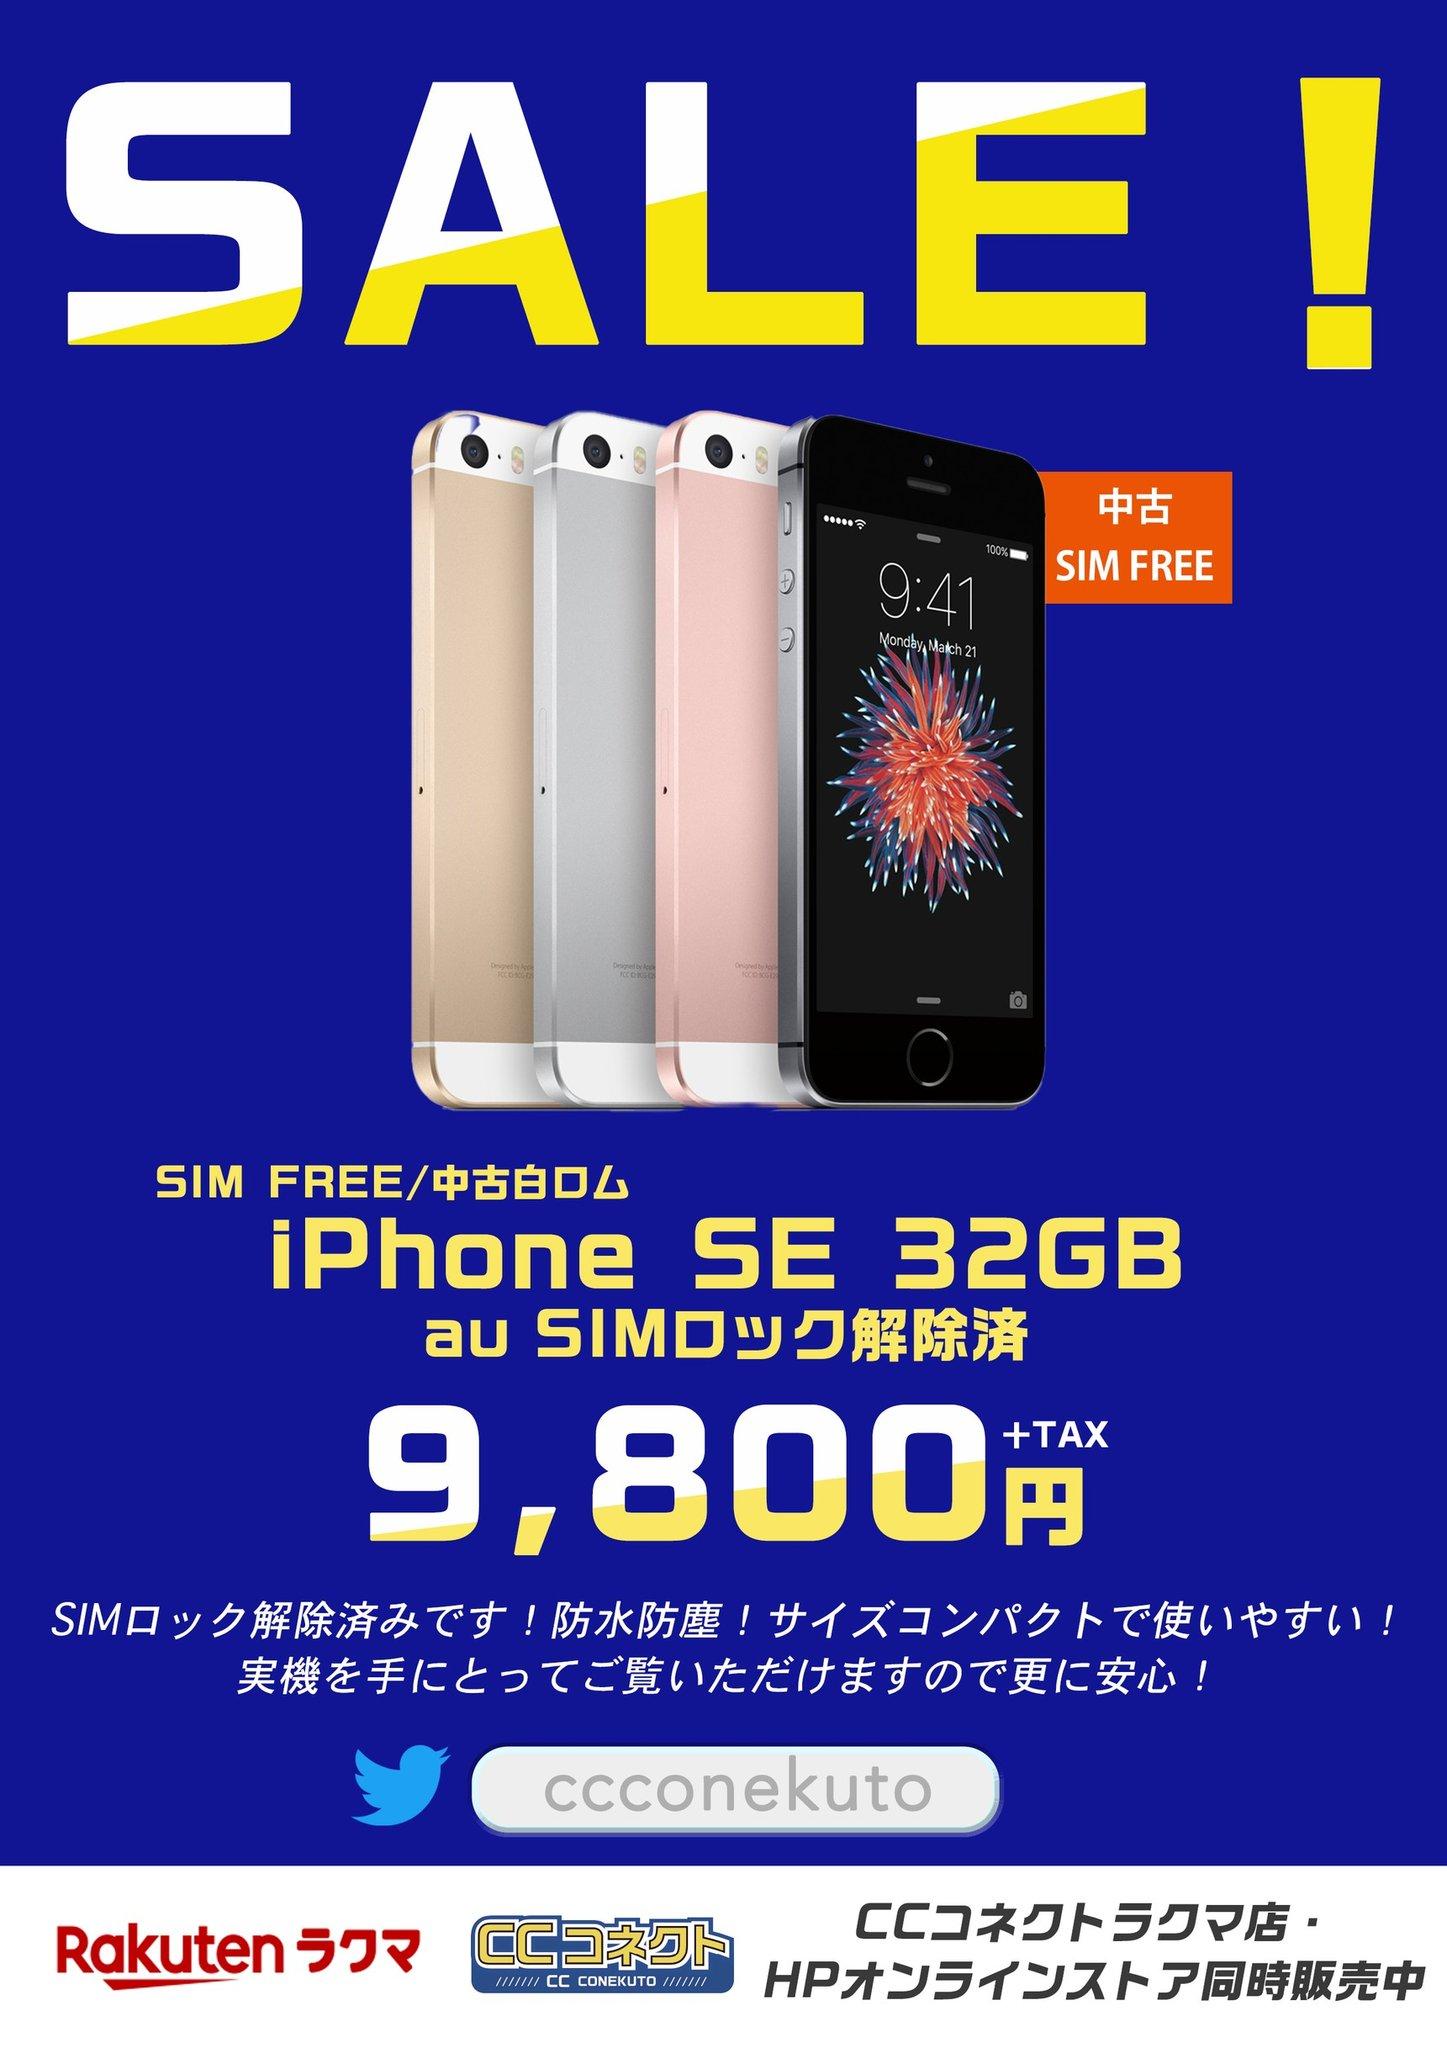 CCコネクト秋葉原本店で中古のiPhoneSE 32GB、AQUOS R Compact SHV41が9800円セール中。